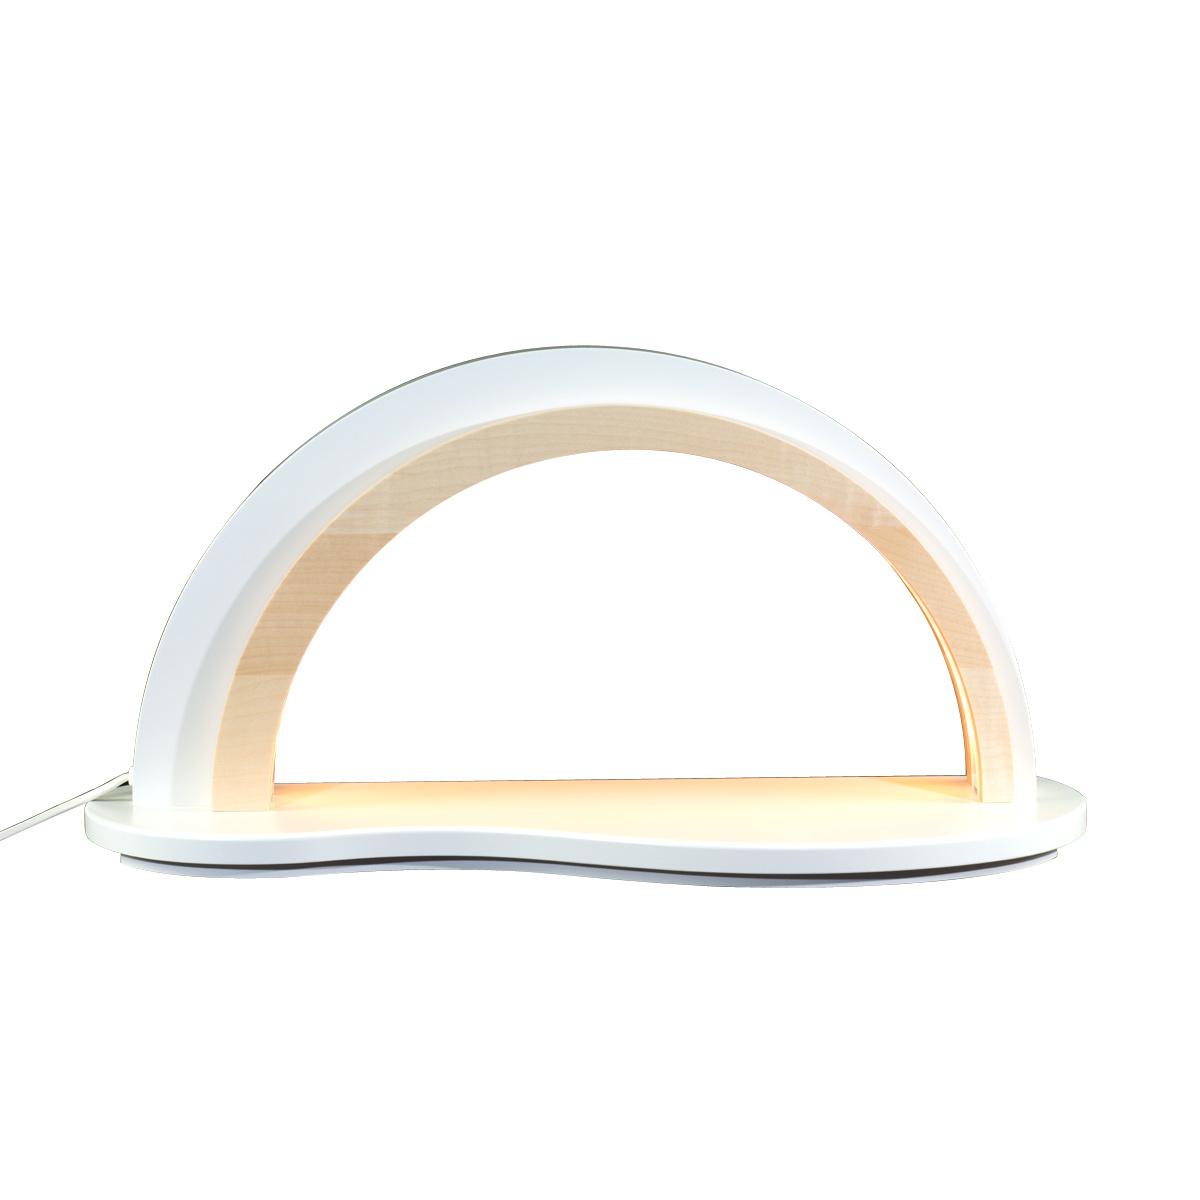 Schwibbogen LED-Beleuchtung ohne Dekofläche, weiß von Näumanns für ...